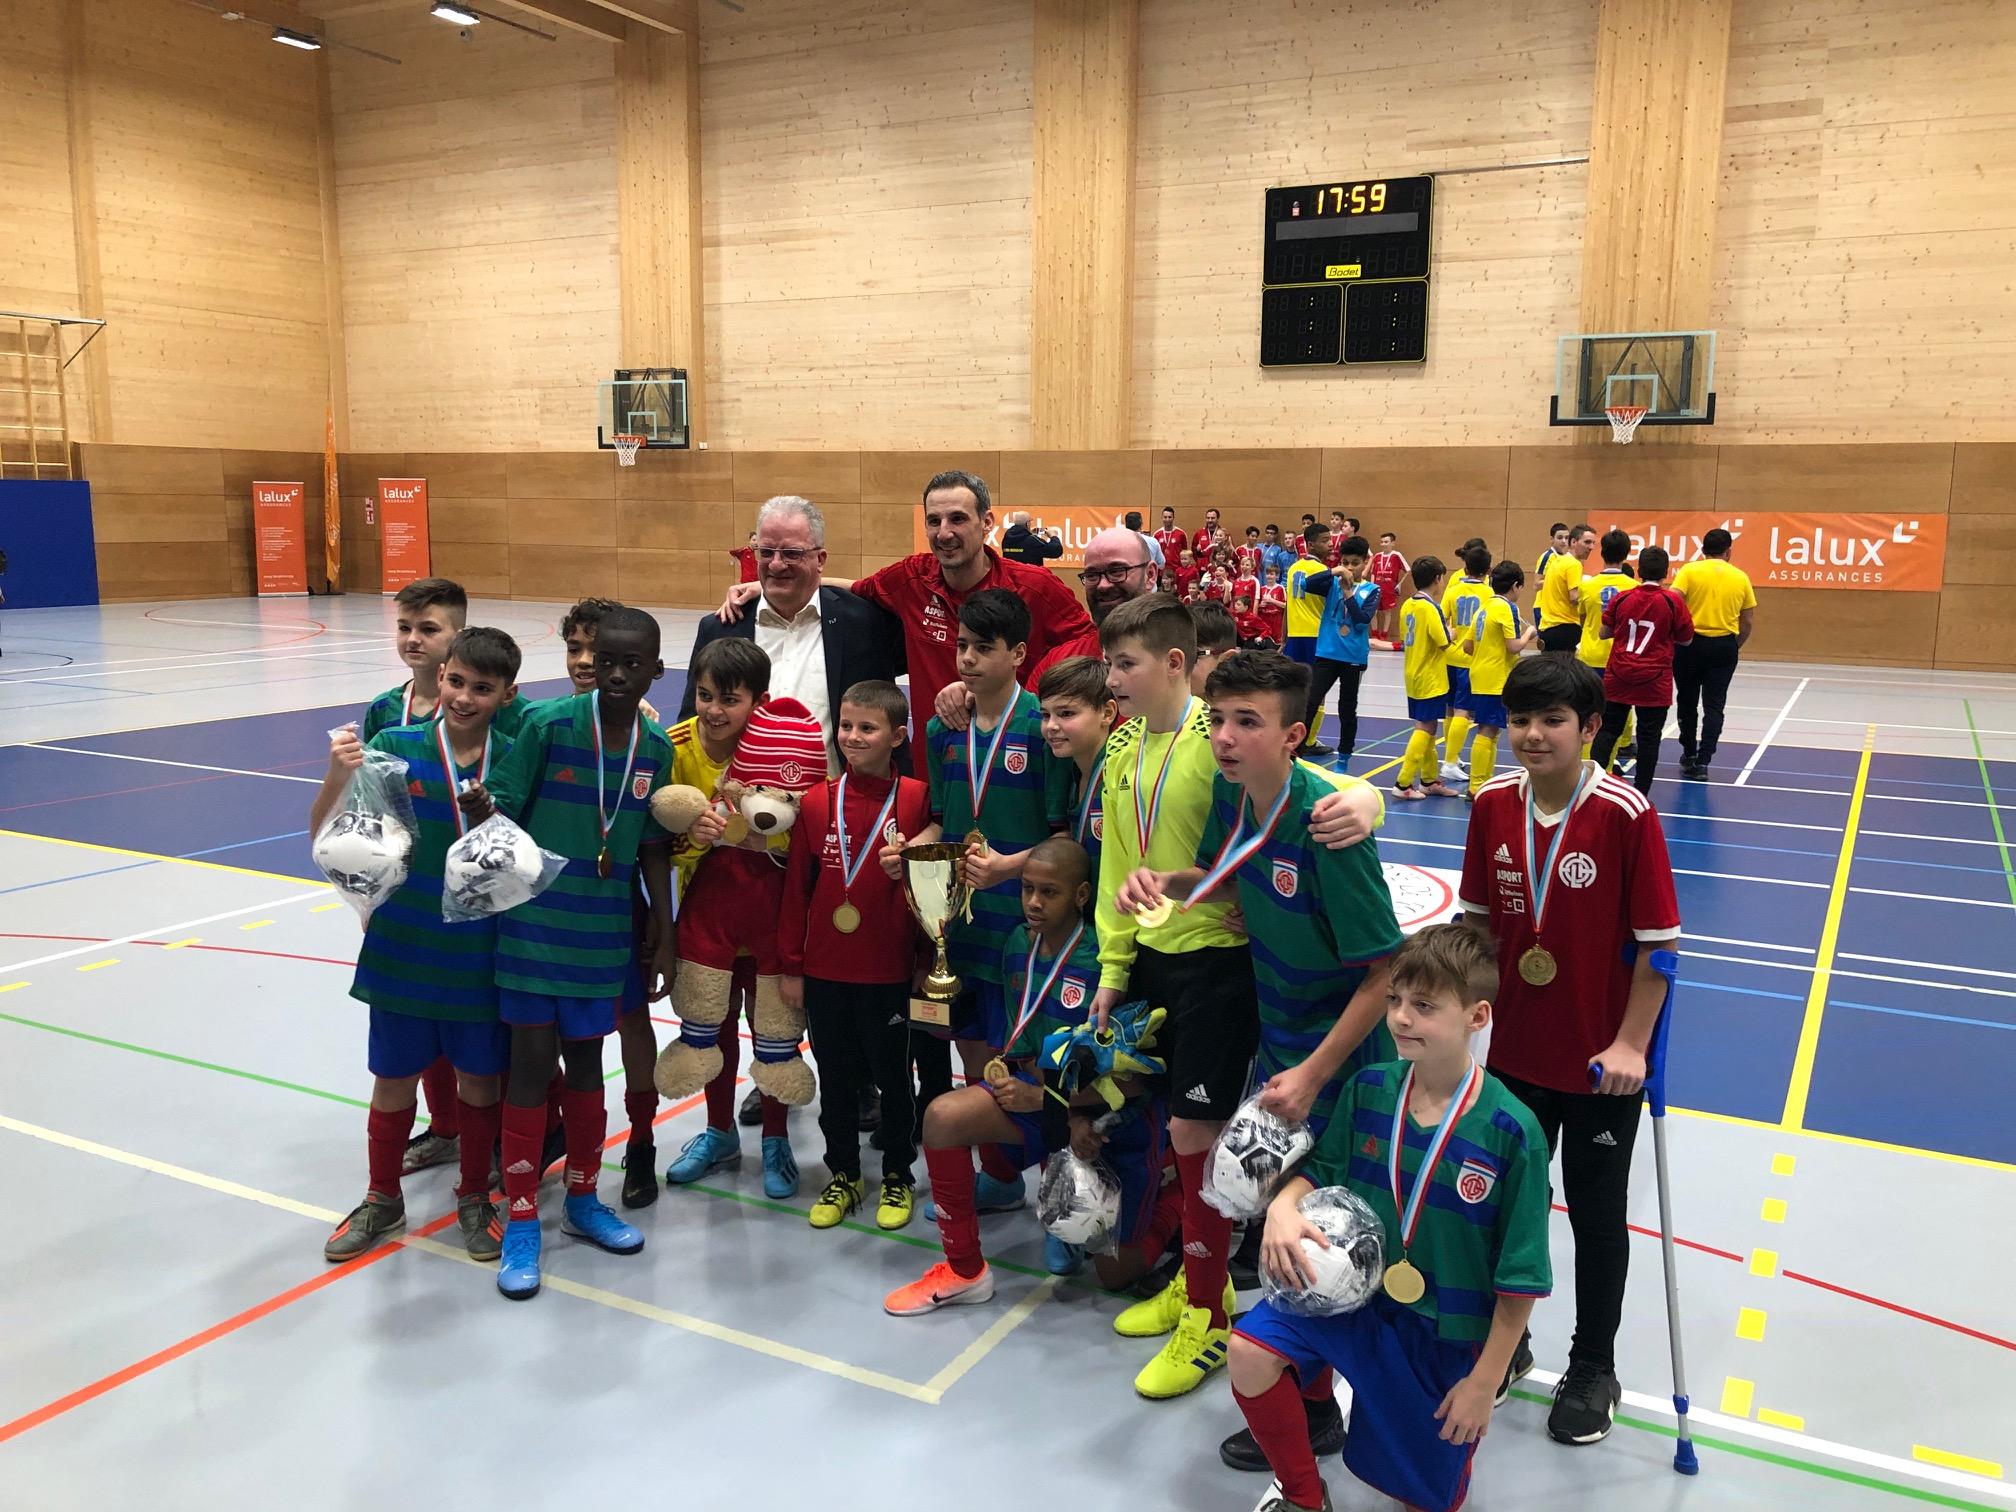 CS FOLA champion Lalux équipe minimes: bravoooo aux joueurs, staff et supporters